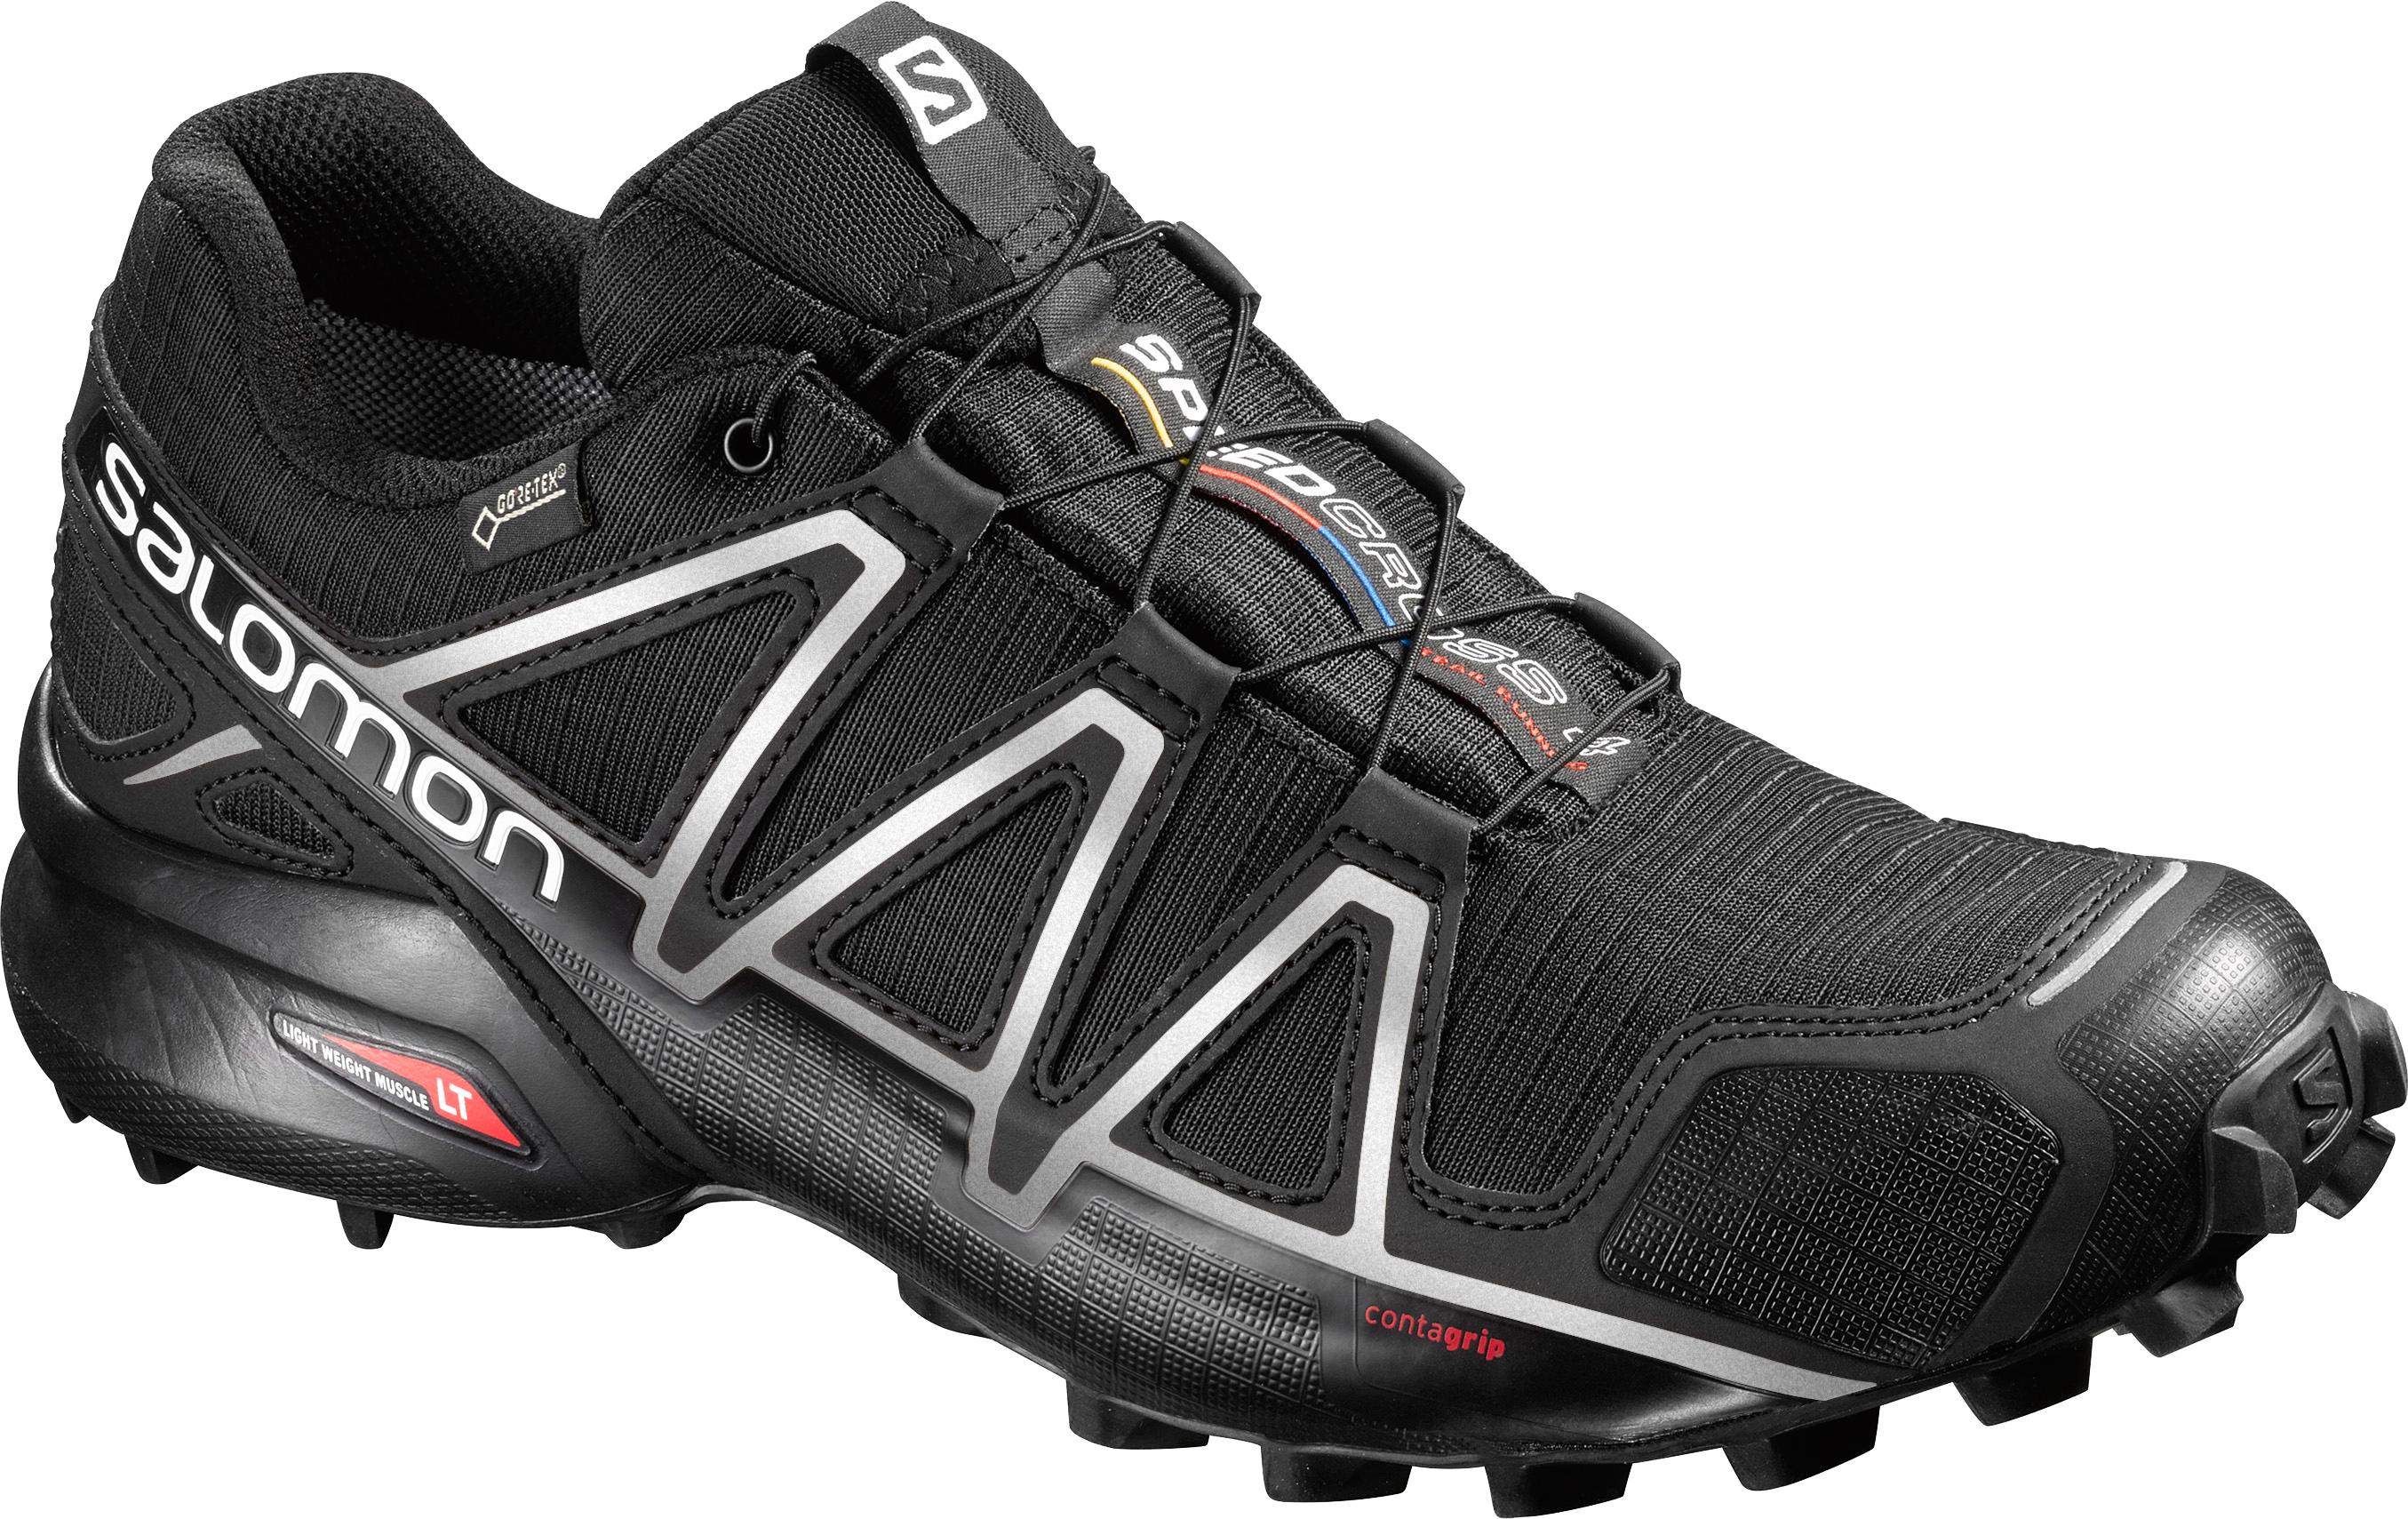 d510cca123a Salomon Speedcross 4 GTX Trail Running Shoes - Men's | MEC